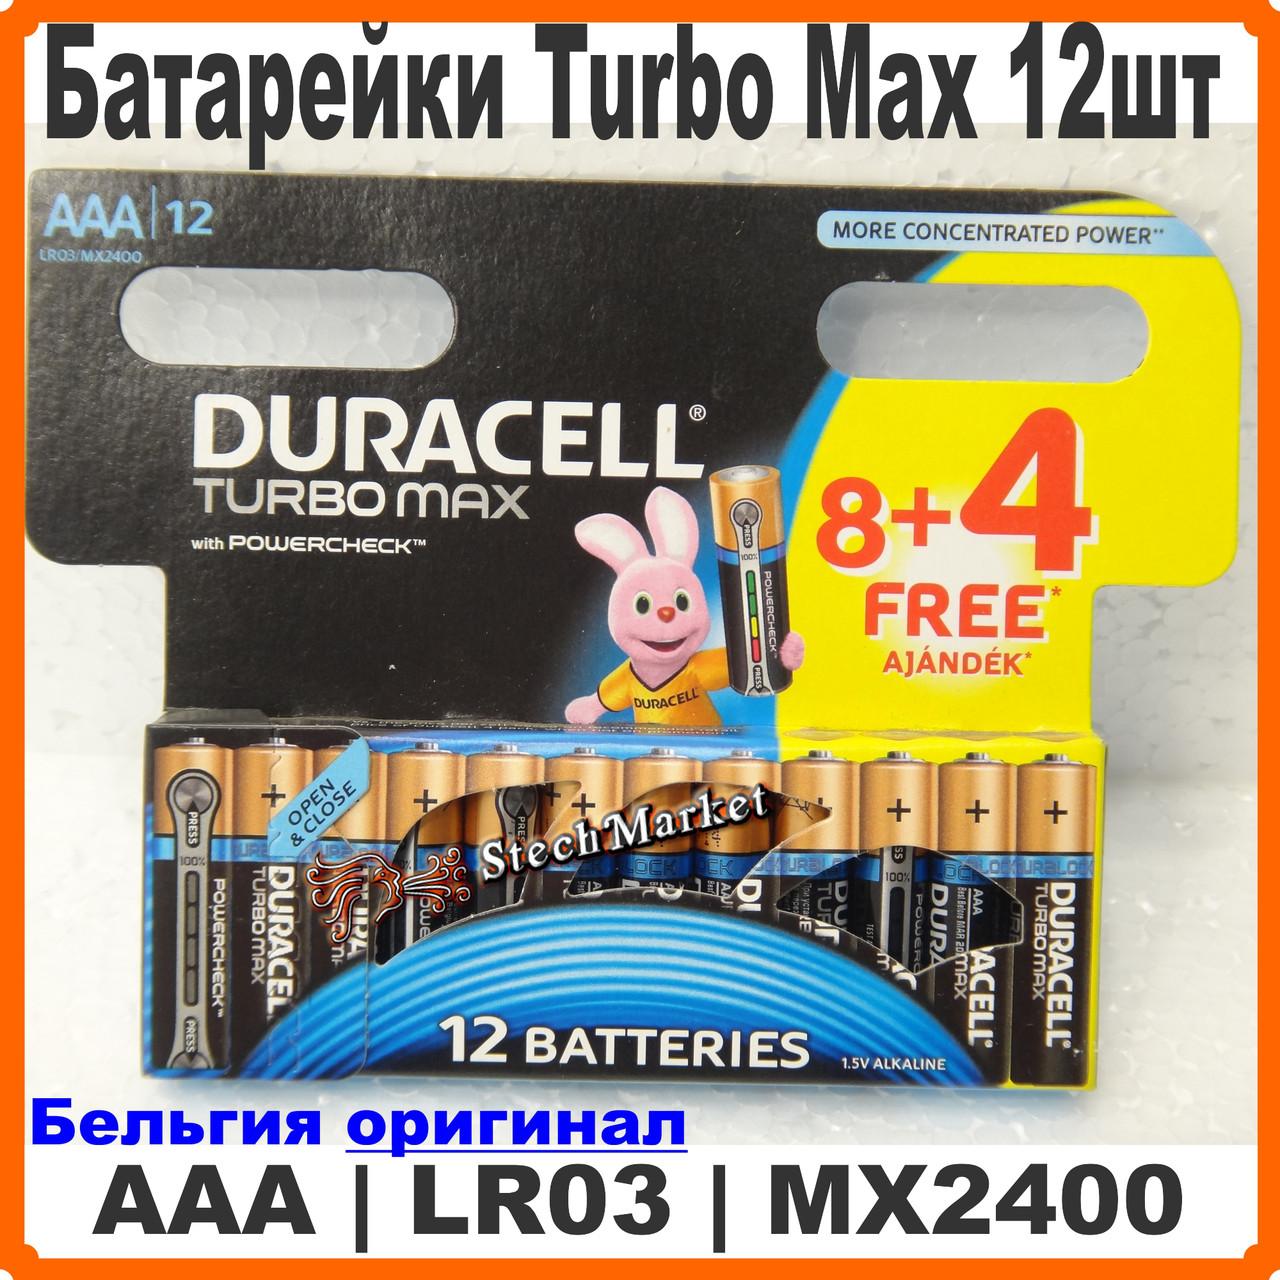 Батарейки Duracell TURBO MAX AAA LR03 12шт